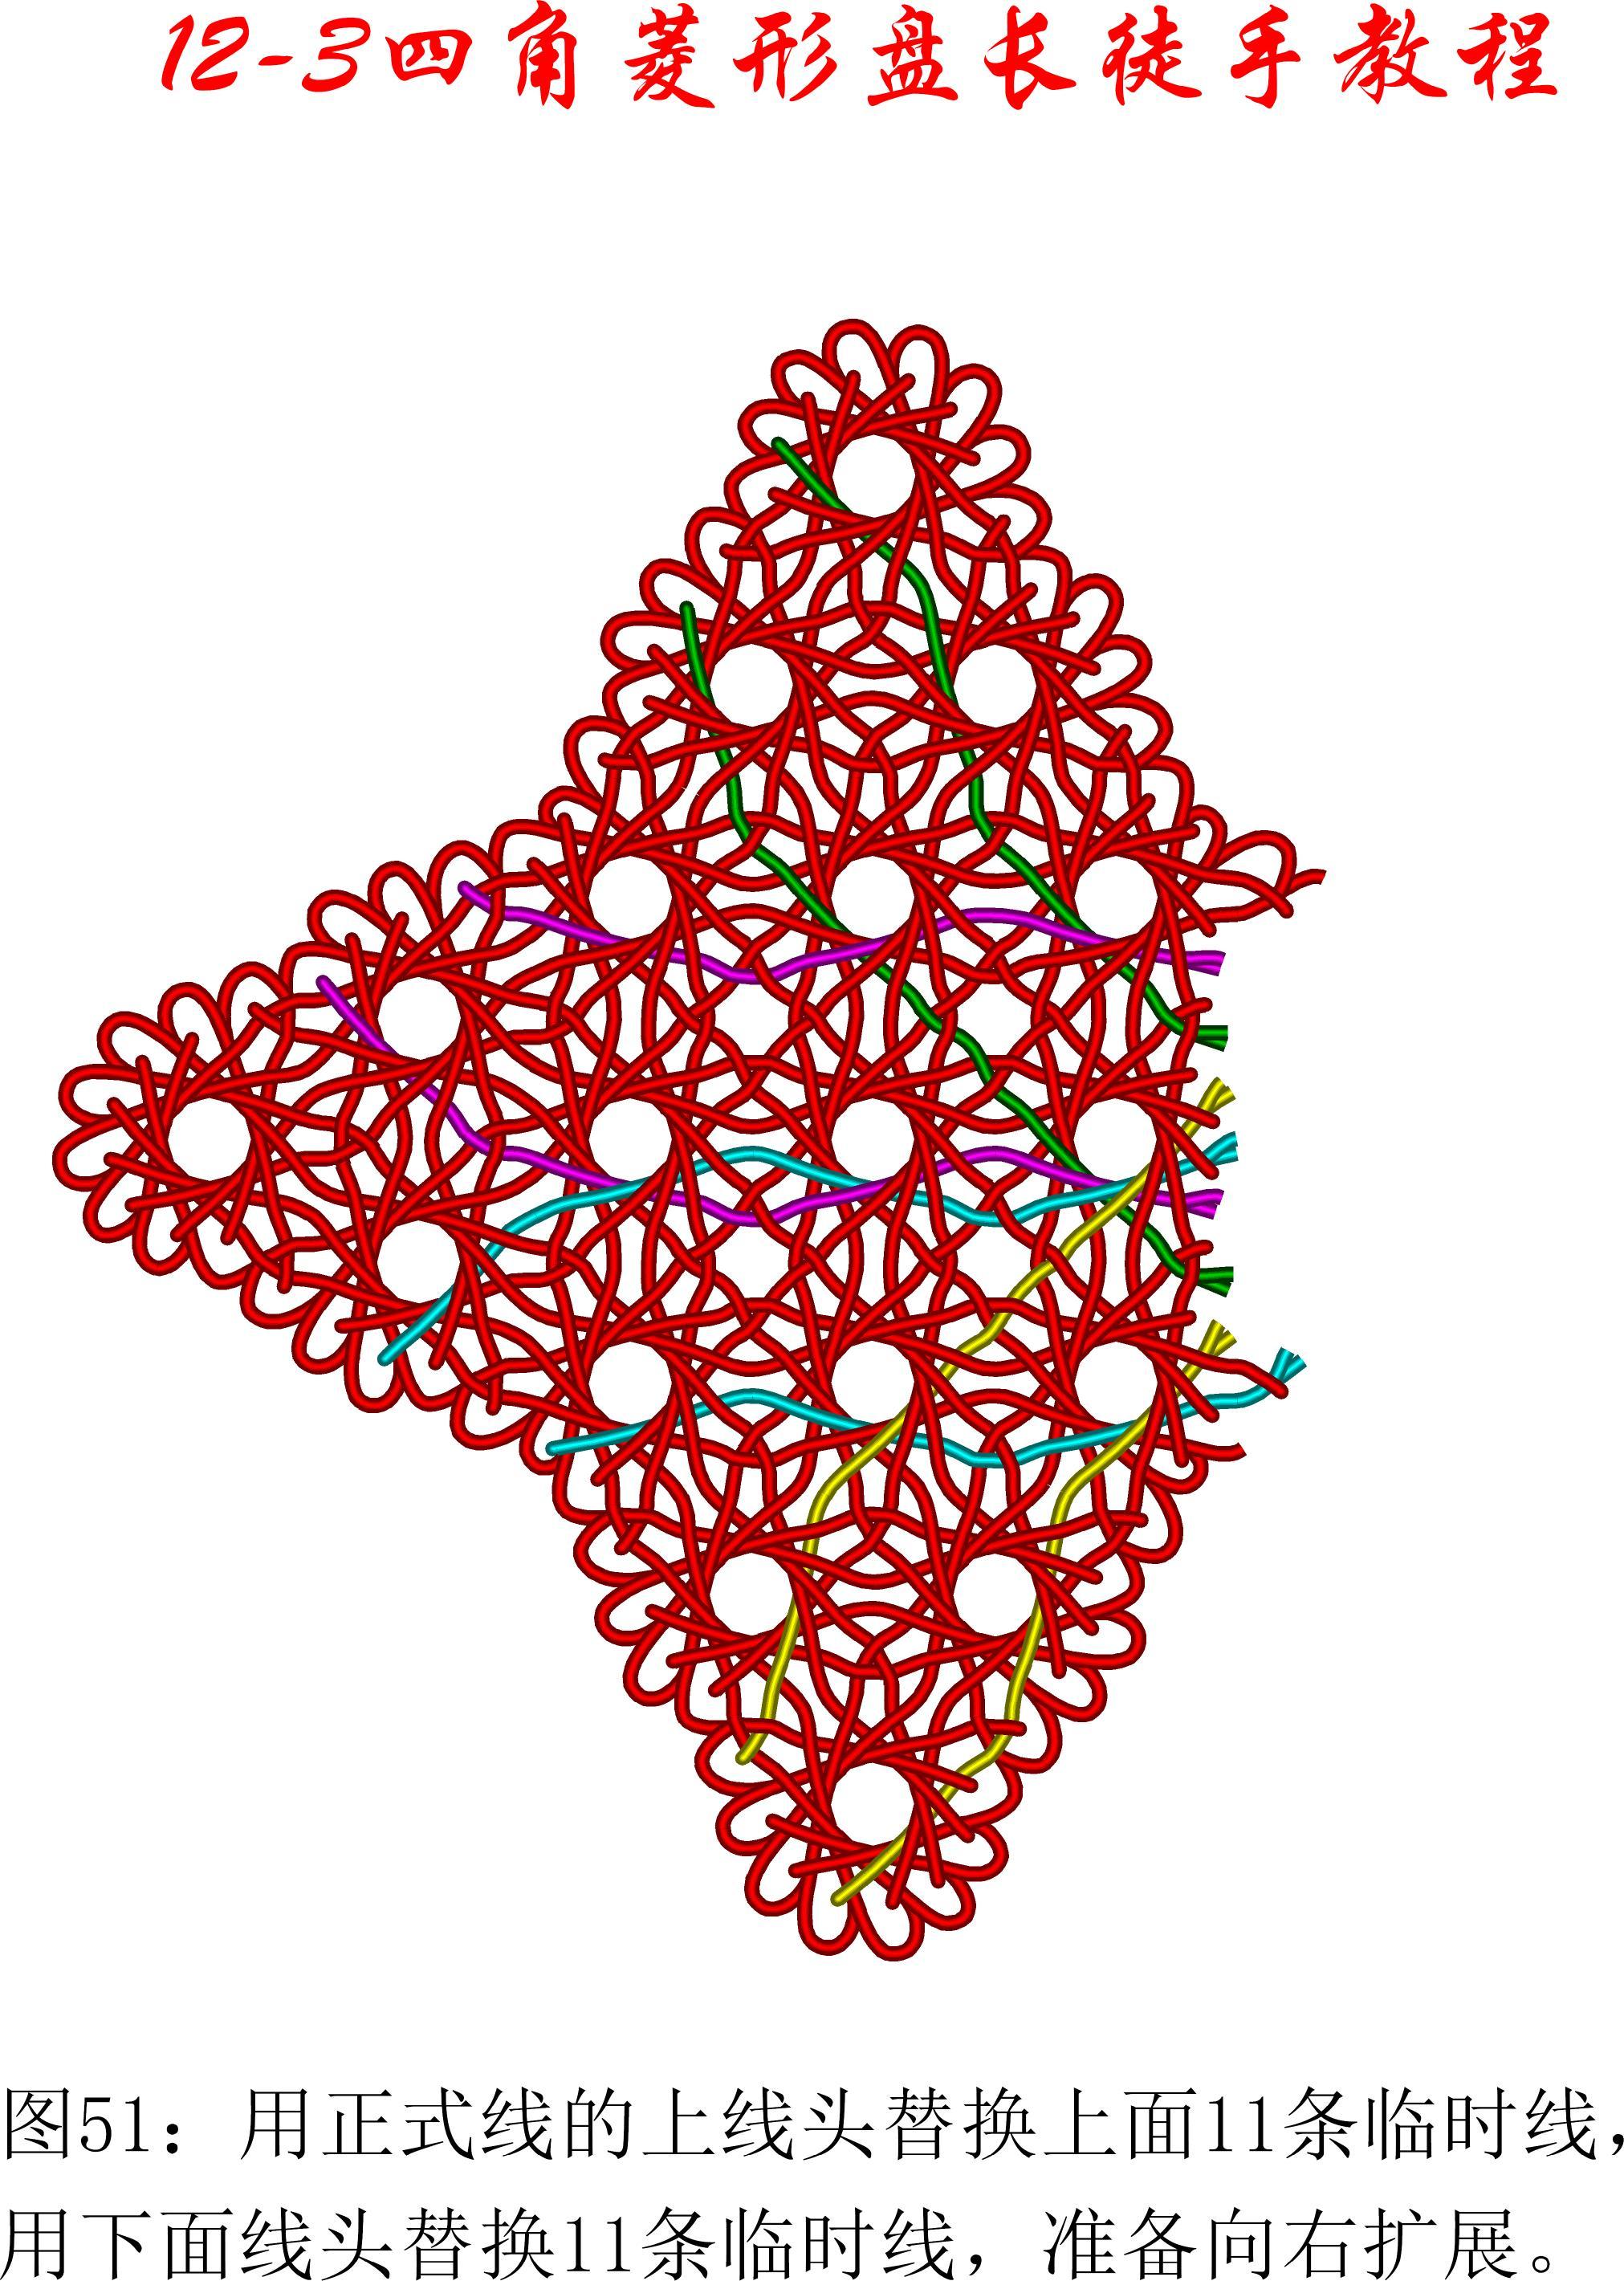 中国结论坛 12-3四角菱形盘长徒手教程 教程,菱形实心花的编织图解,长方形做菱形怎么做,长方形分菱形图解,菱形四边一样长吗 丑丑徒手编结 133853gcj676rernjcesv8